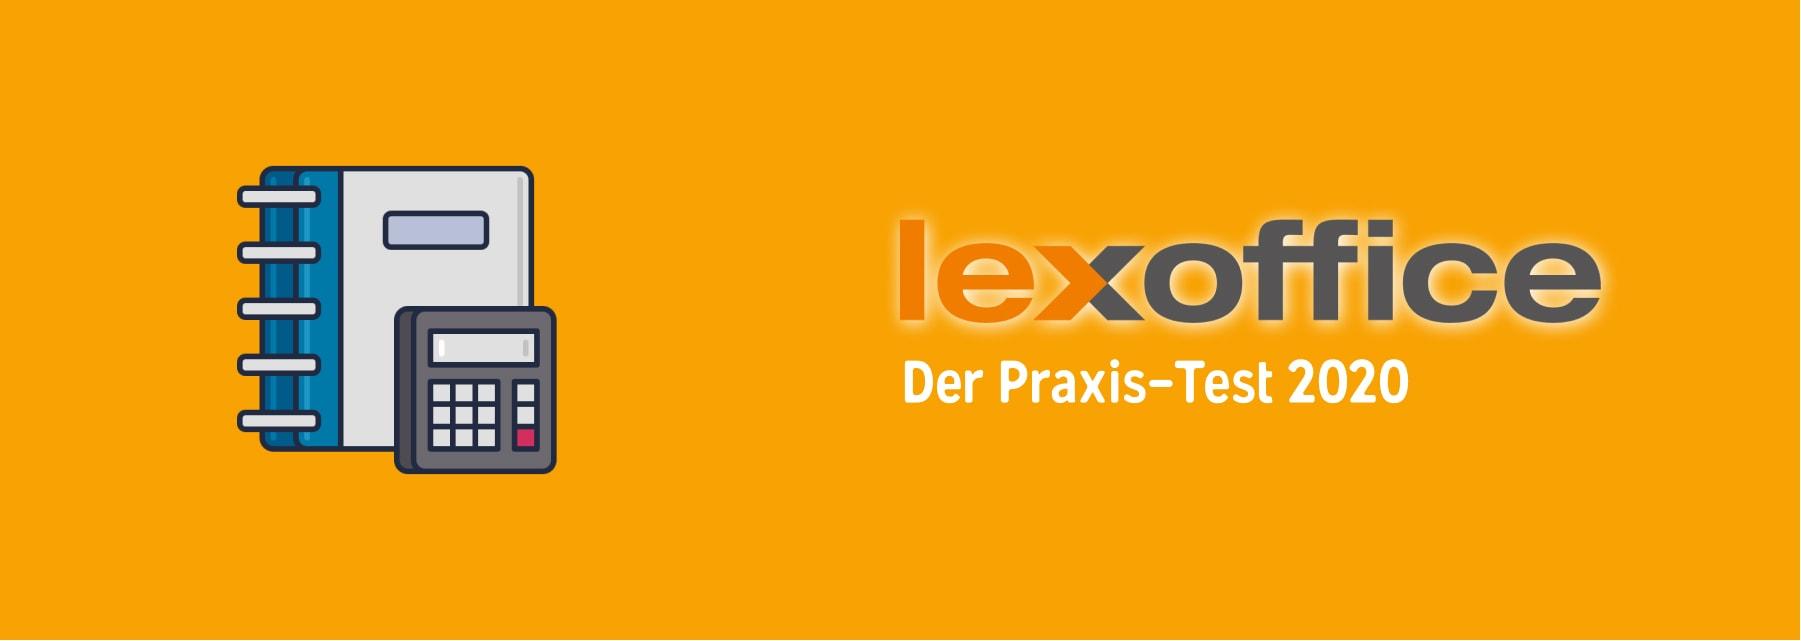 Lexoffice Test-Bericht 2020 für Gründer, Selbstständige, Freiberufler und Startups